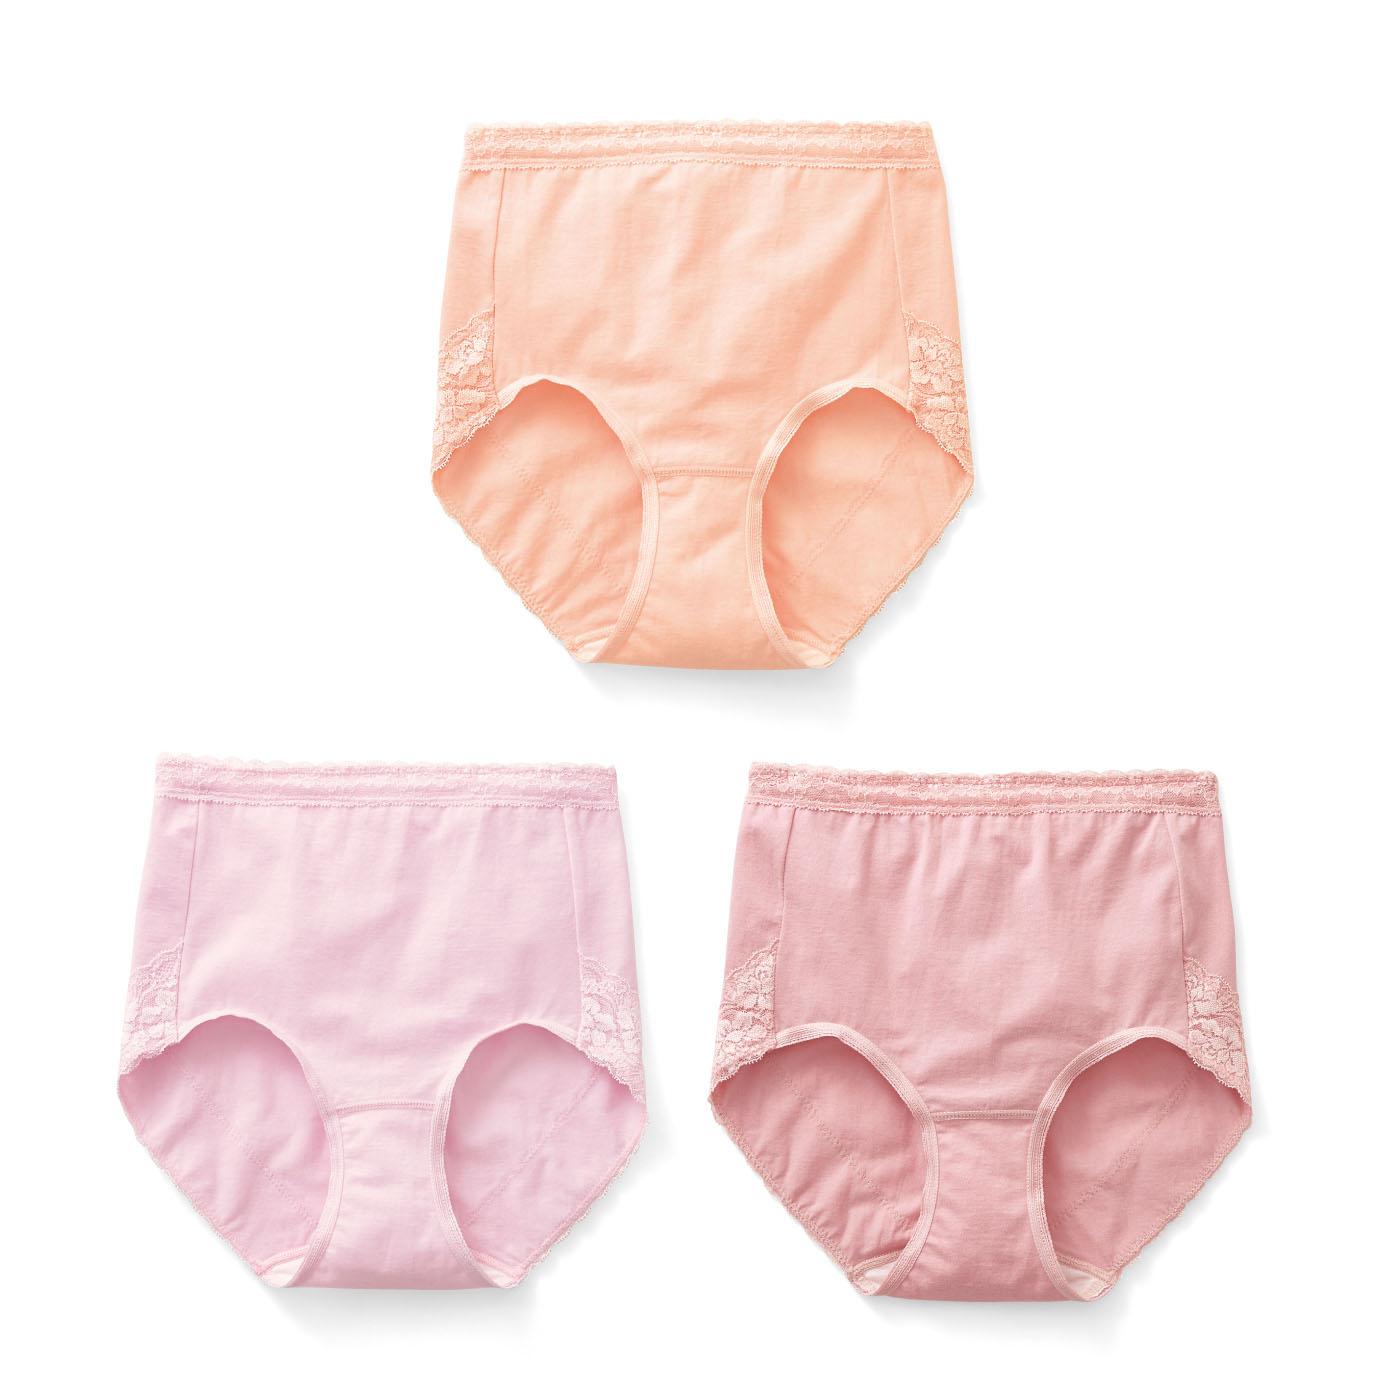 〈ピーチピンク〉〈パウダーピンク〉〈コスモスピンク〉肌なじみのよいピンクカラーの3色展開。